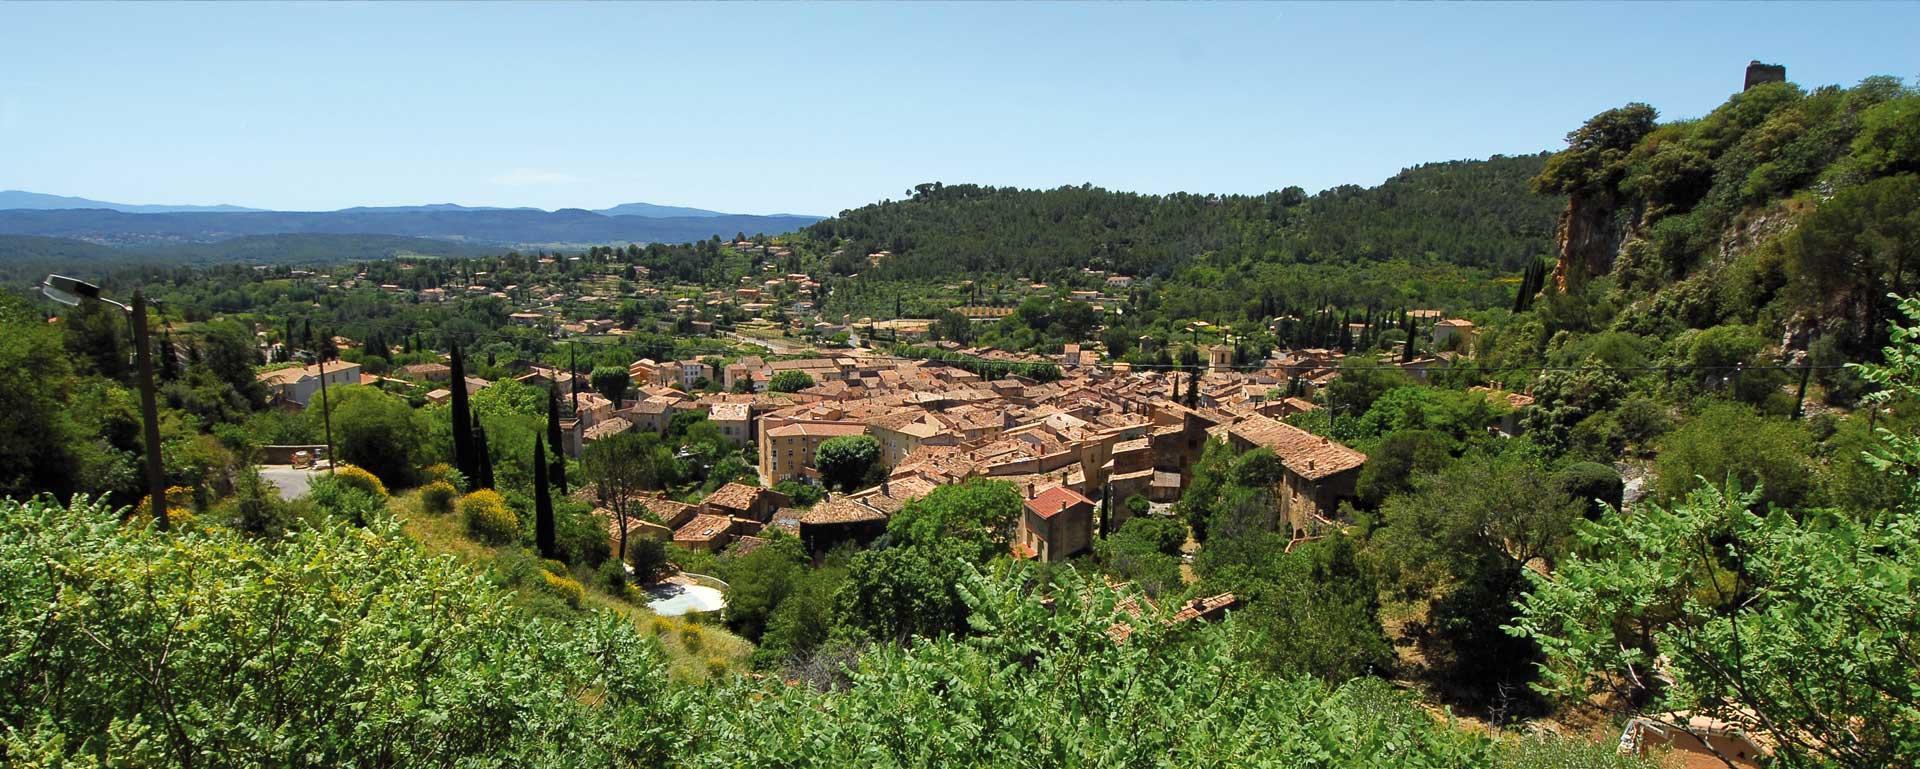 Cotignac site officiel de l 39 office de tourisme de cotignac en provence verte dans le var - Office de tourisme du var ...